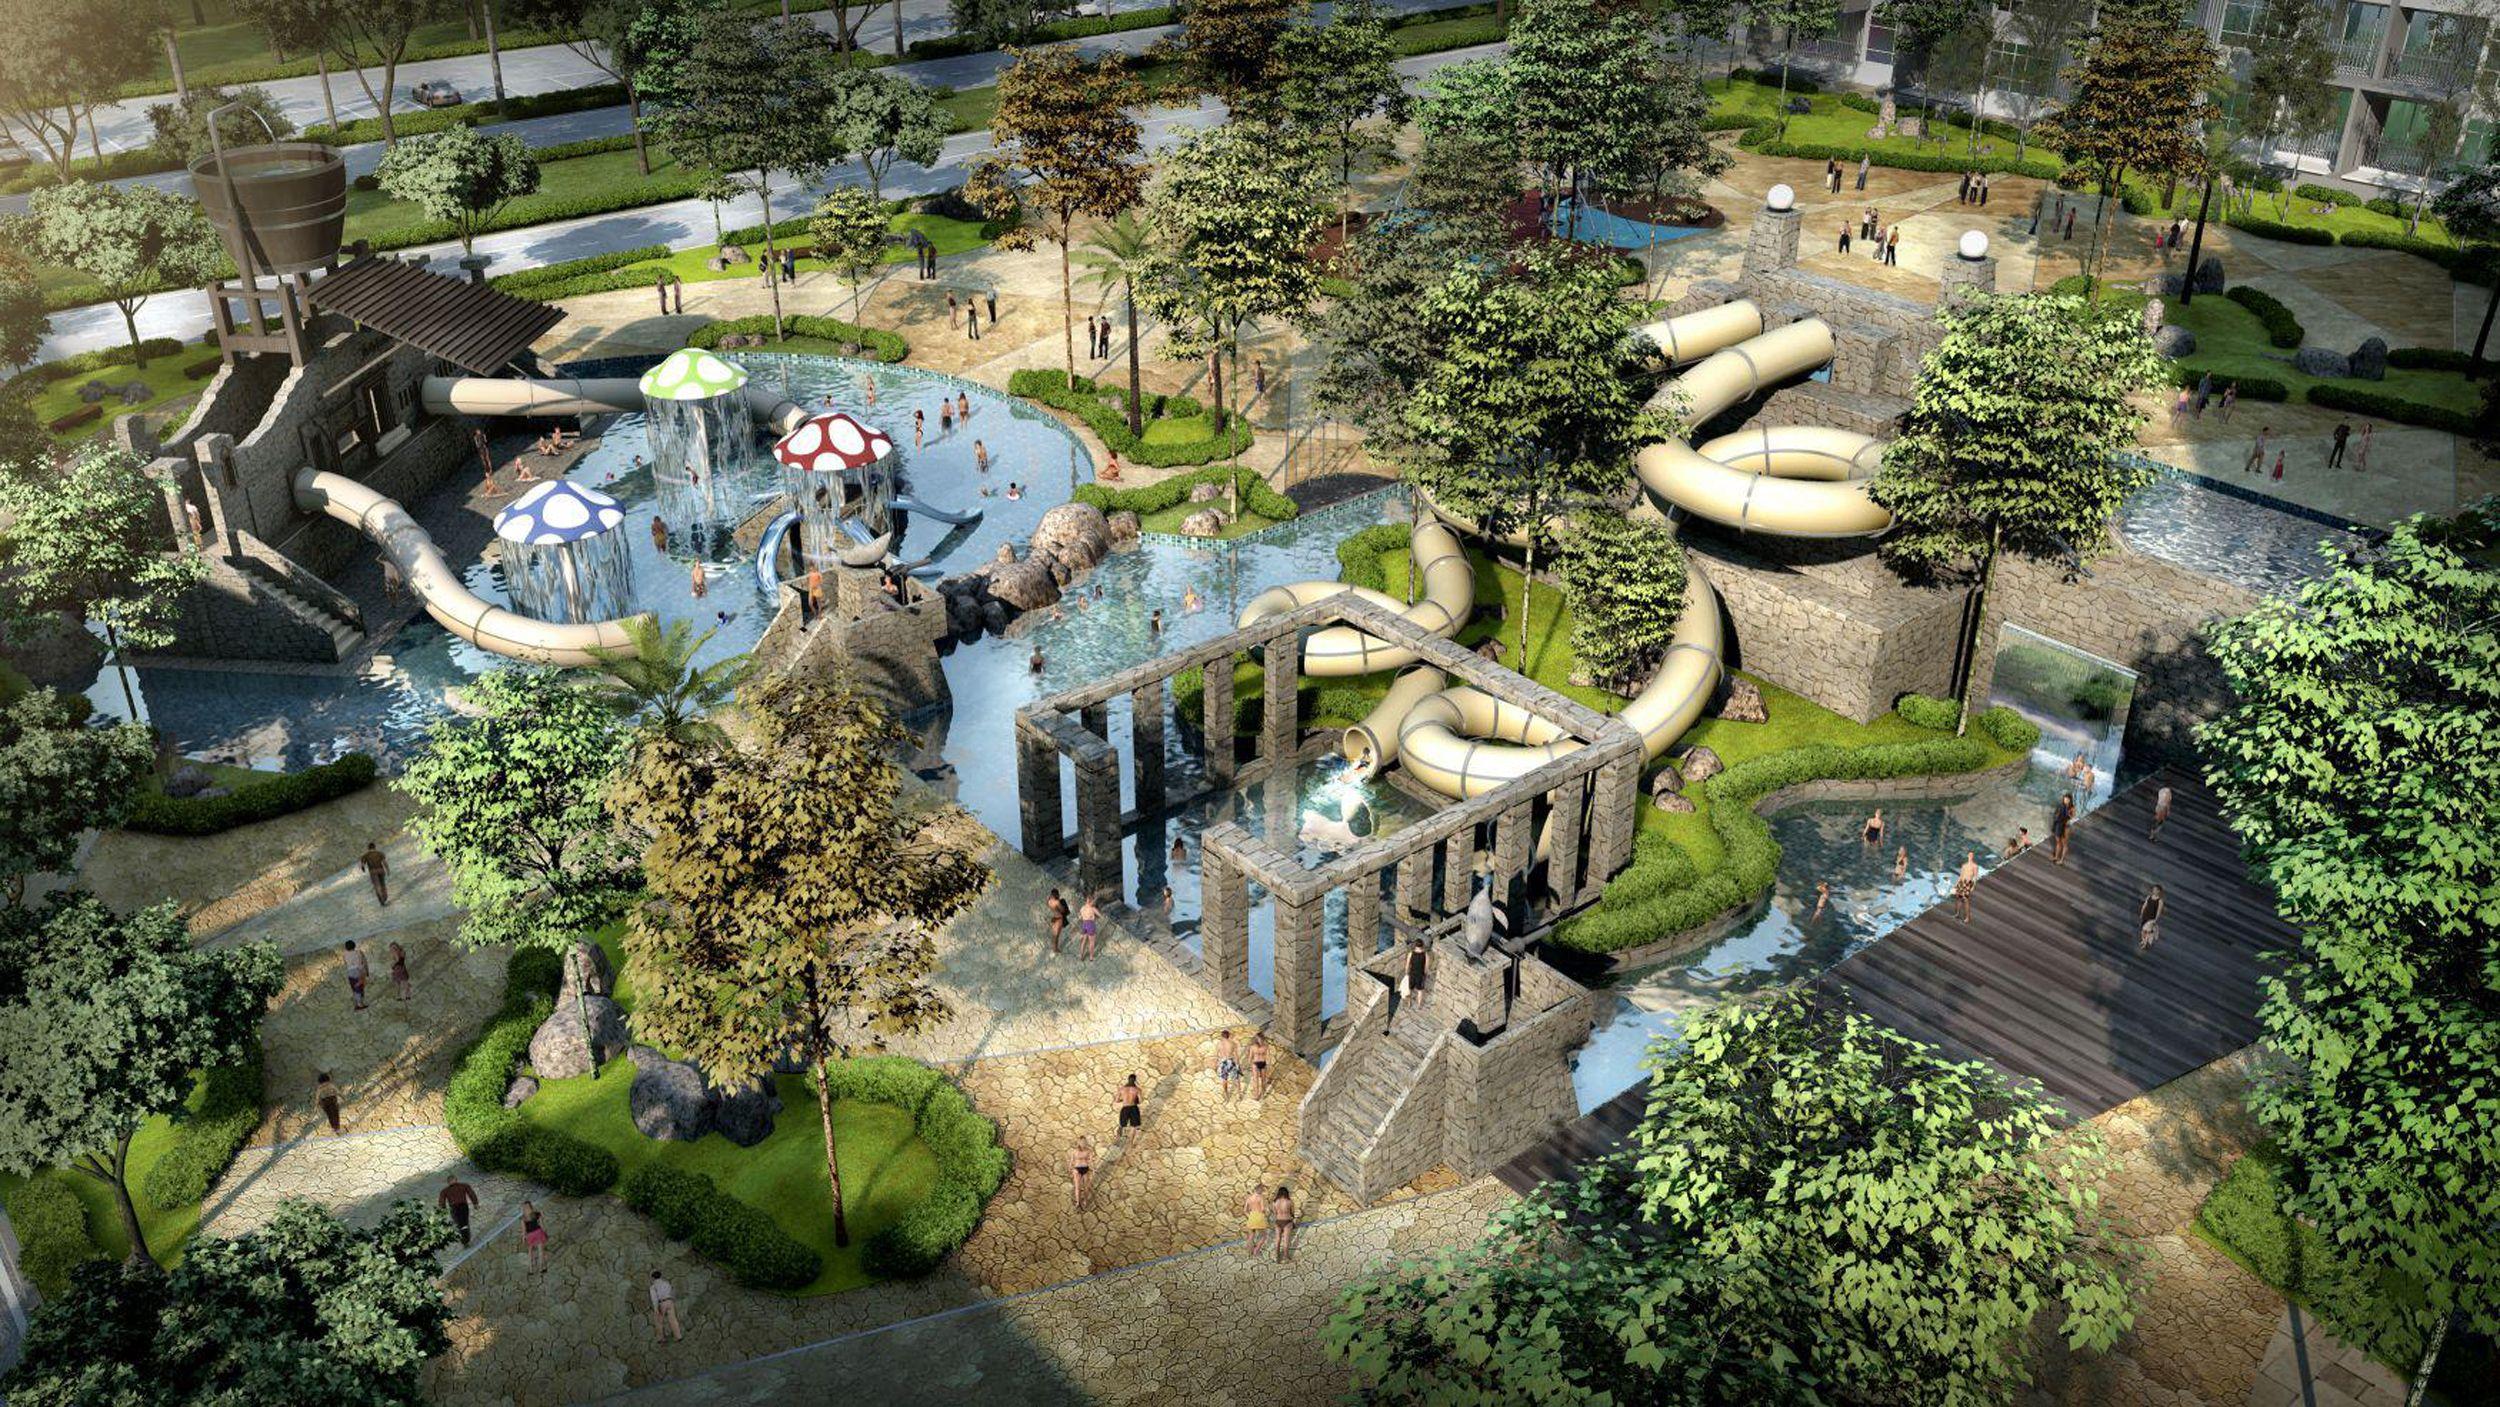 3699aeade67a2de1c2c60682918a2cc8 resort garden design hledat googlem hotel betlem pinterest,Home Park Design